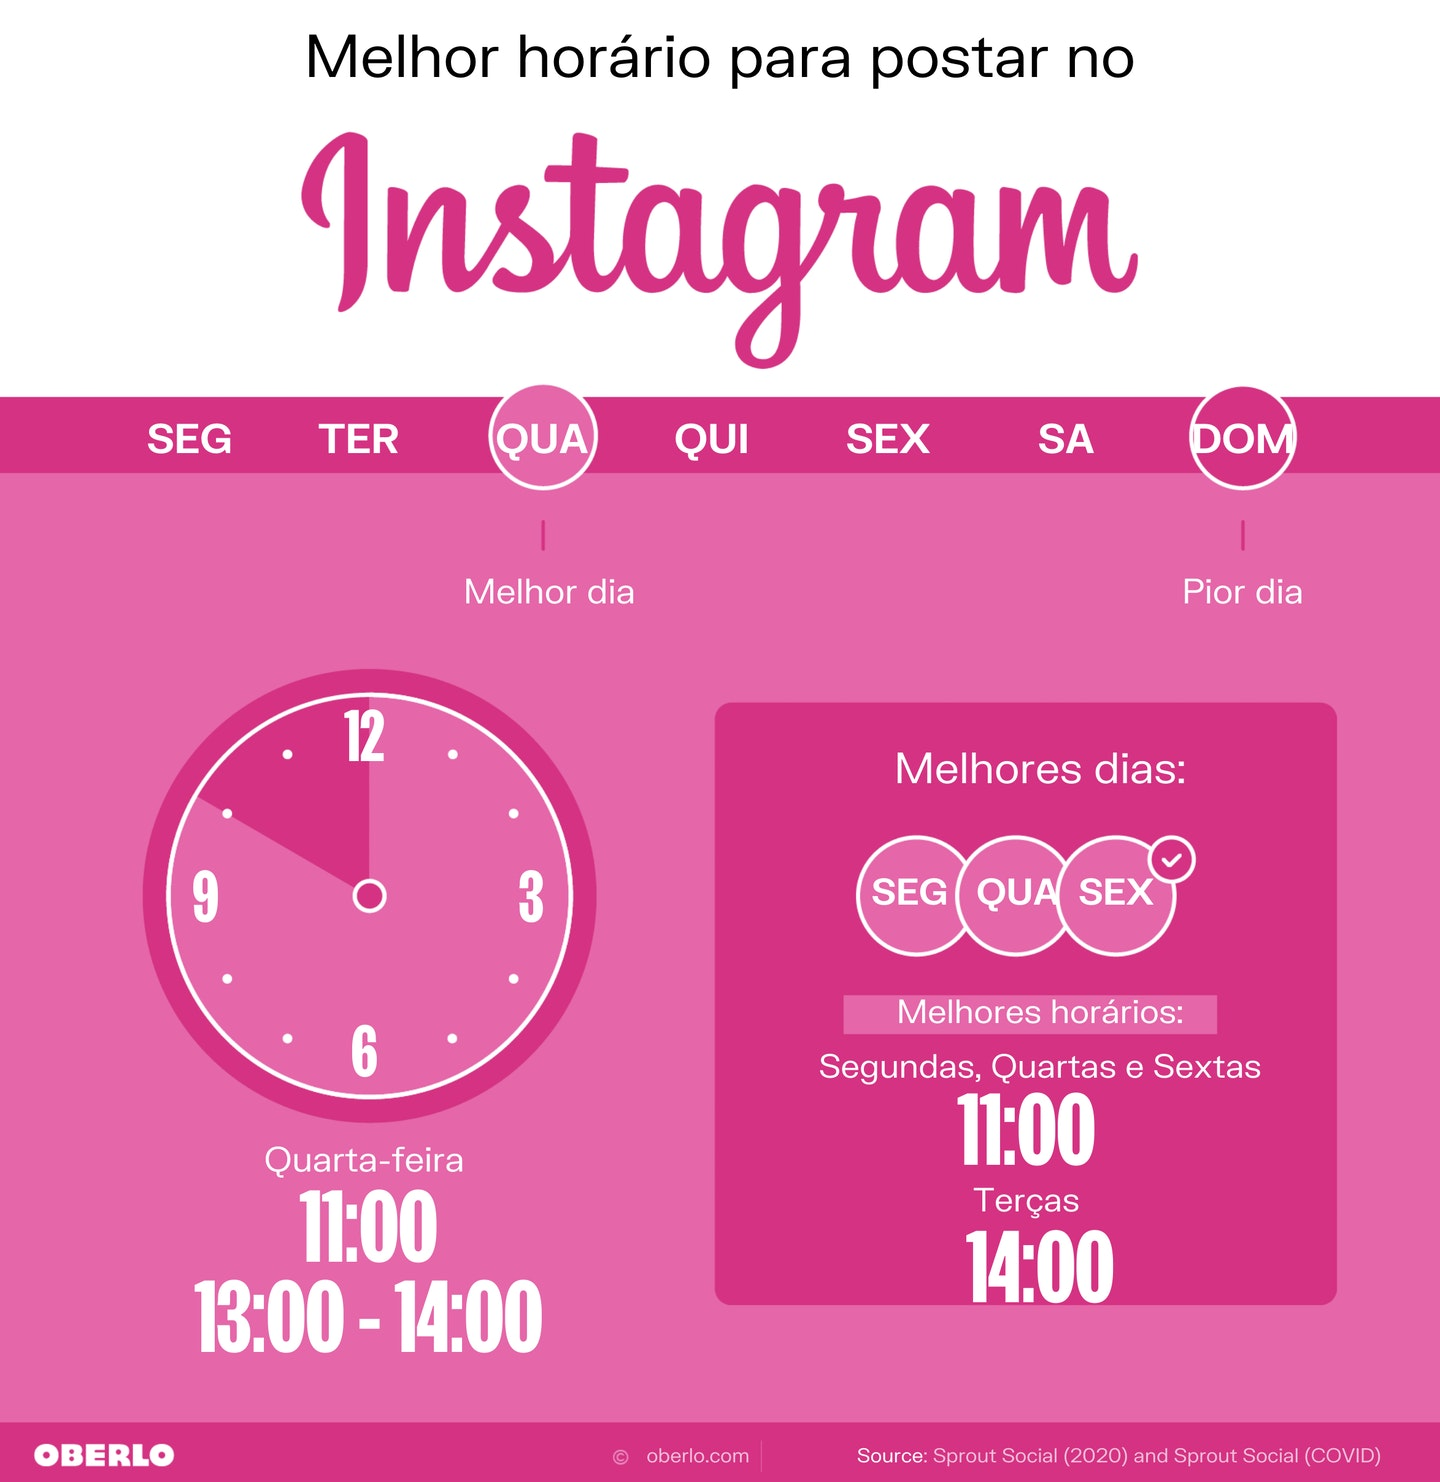 melhores horários para postar instagram